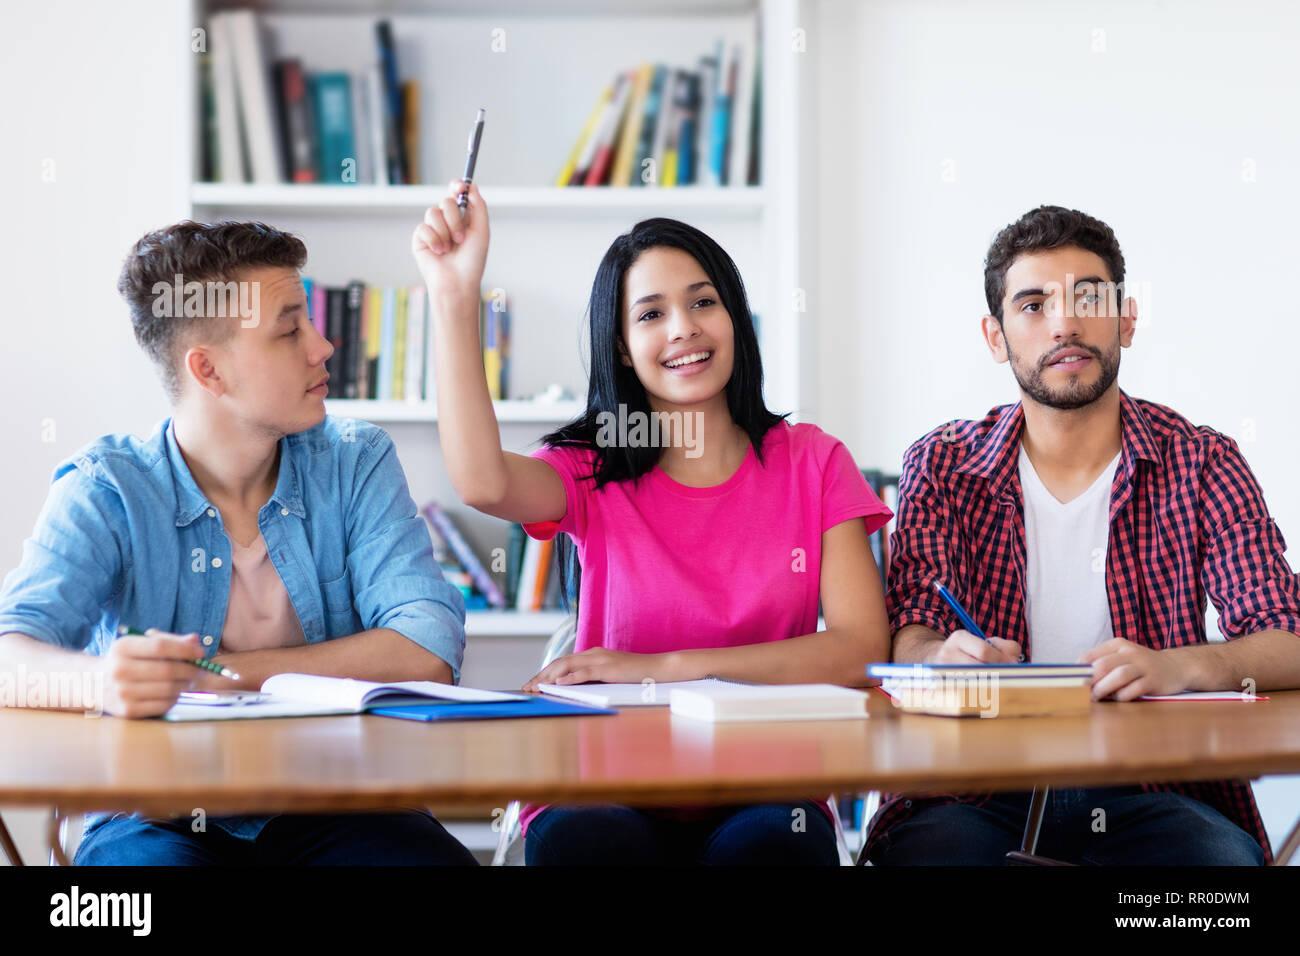 Laughing estudiante levantando la mano en el aula de la escuela Imagen De Stock